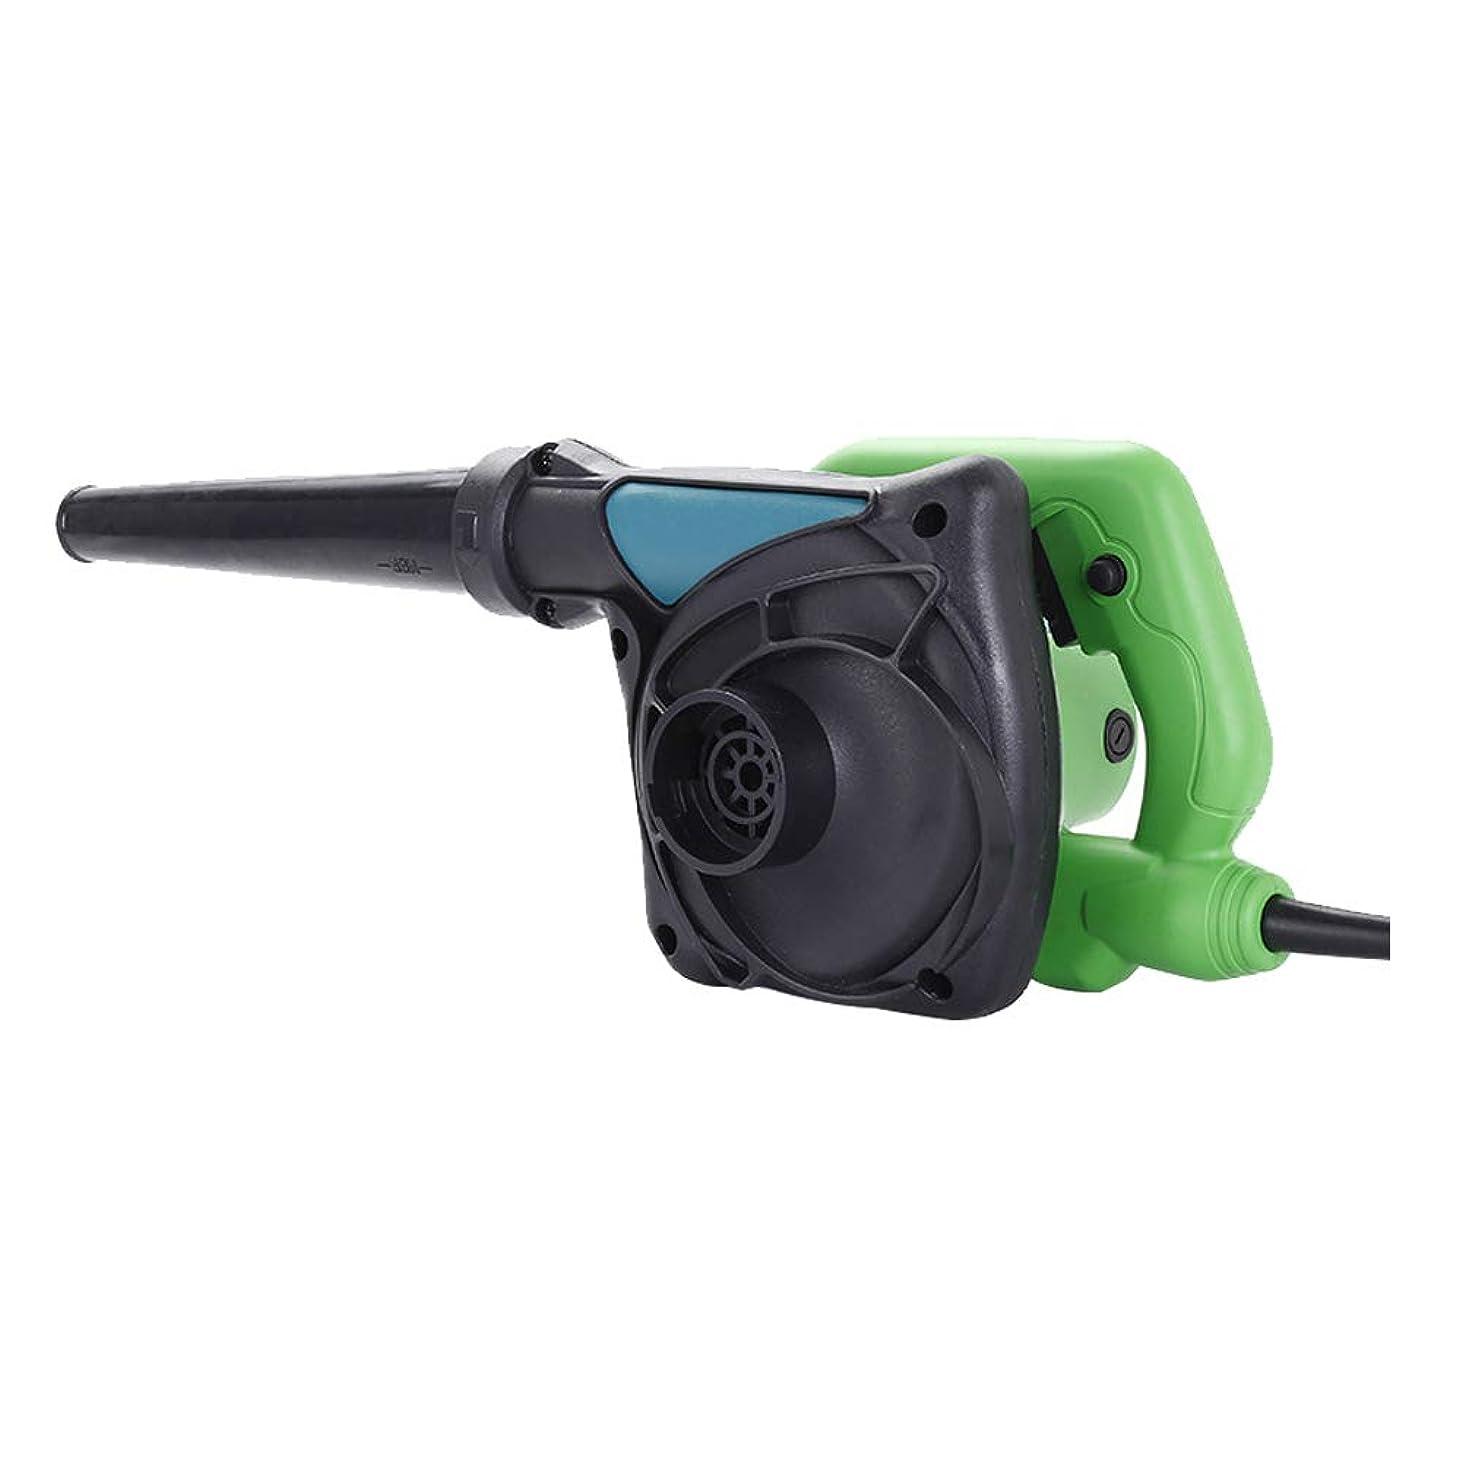 ブレード送風機、片手で大容量エアブレードダスト除去ファン電動インフレータ、軽量、可変速制御、掃除機、家庭用産業として使用することができます